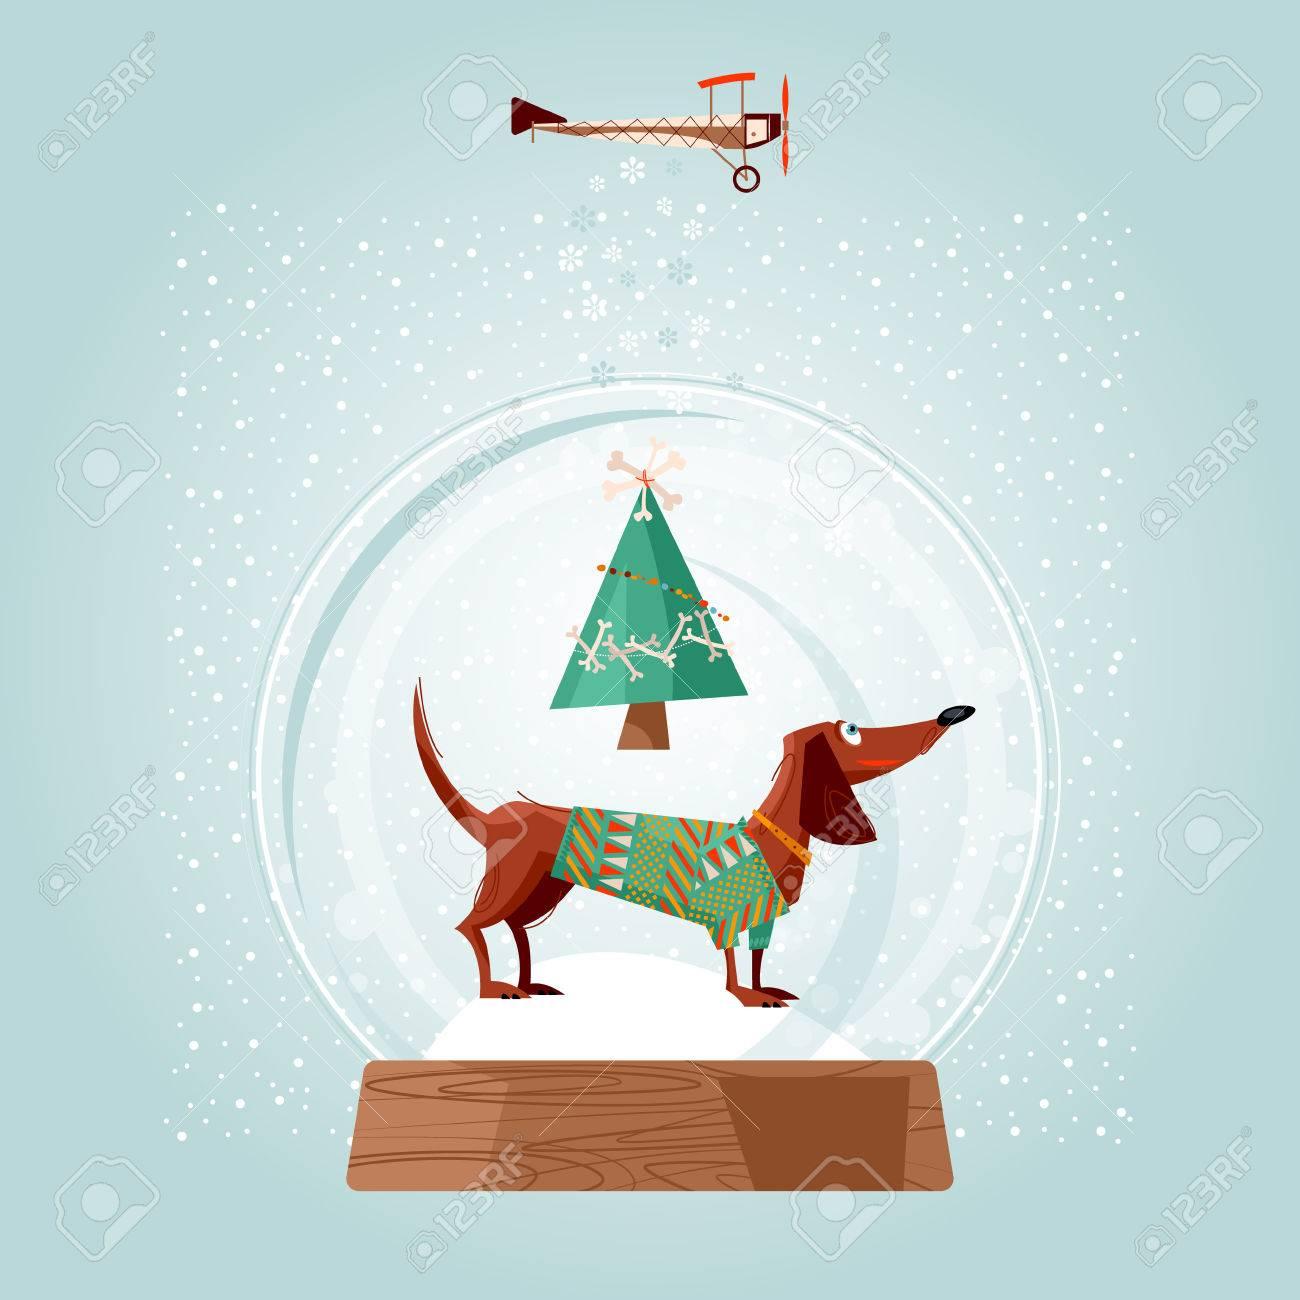 Weihnachten Schneekugel Und Dackel. Weihnachtshund. Grußkarte ...